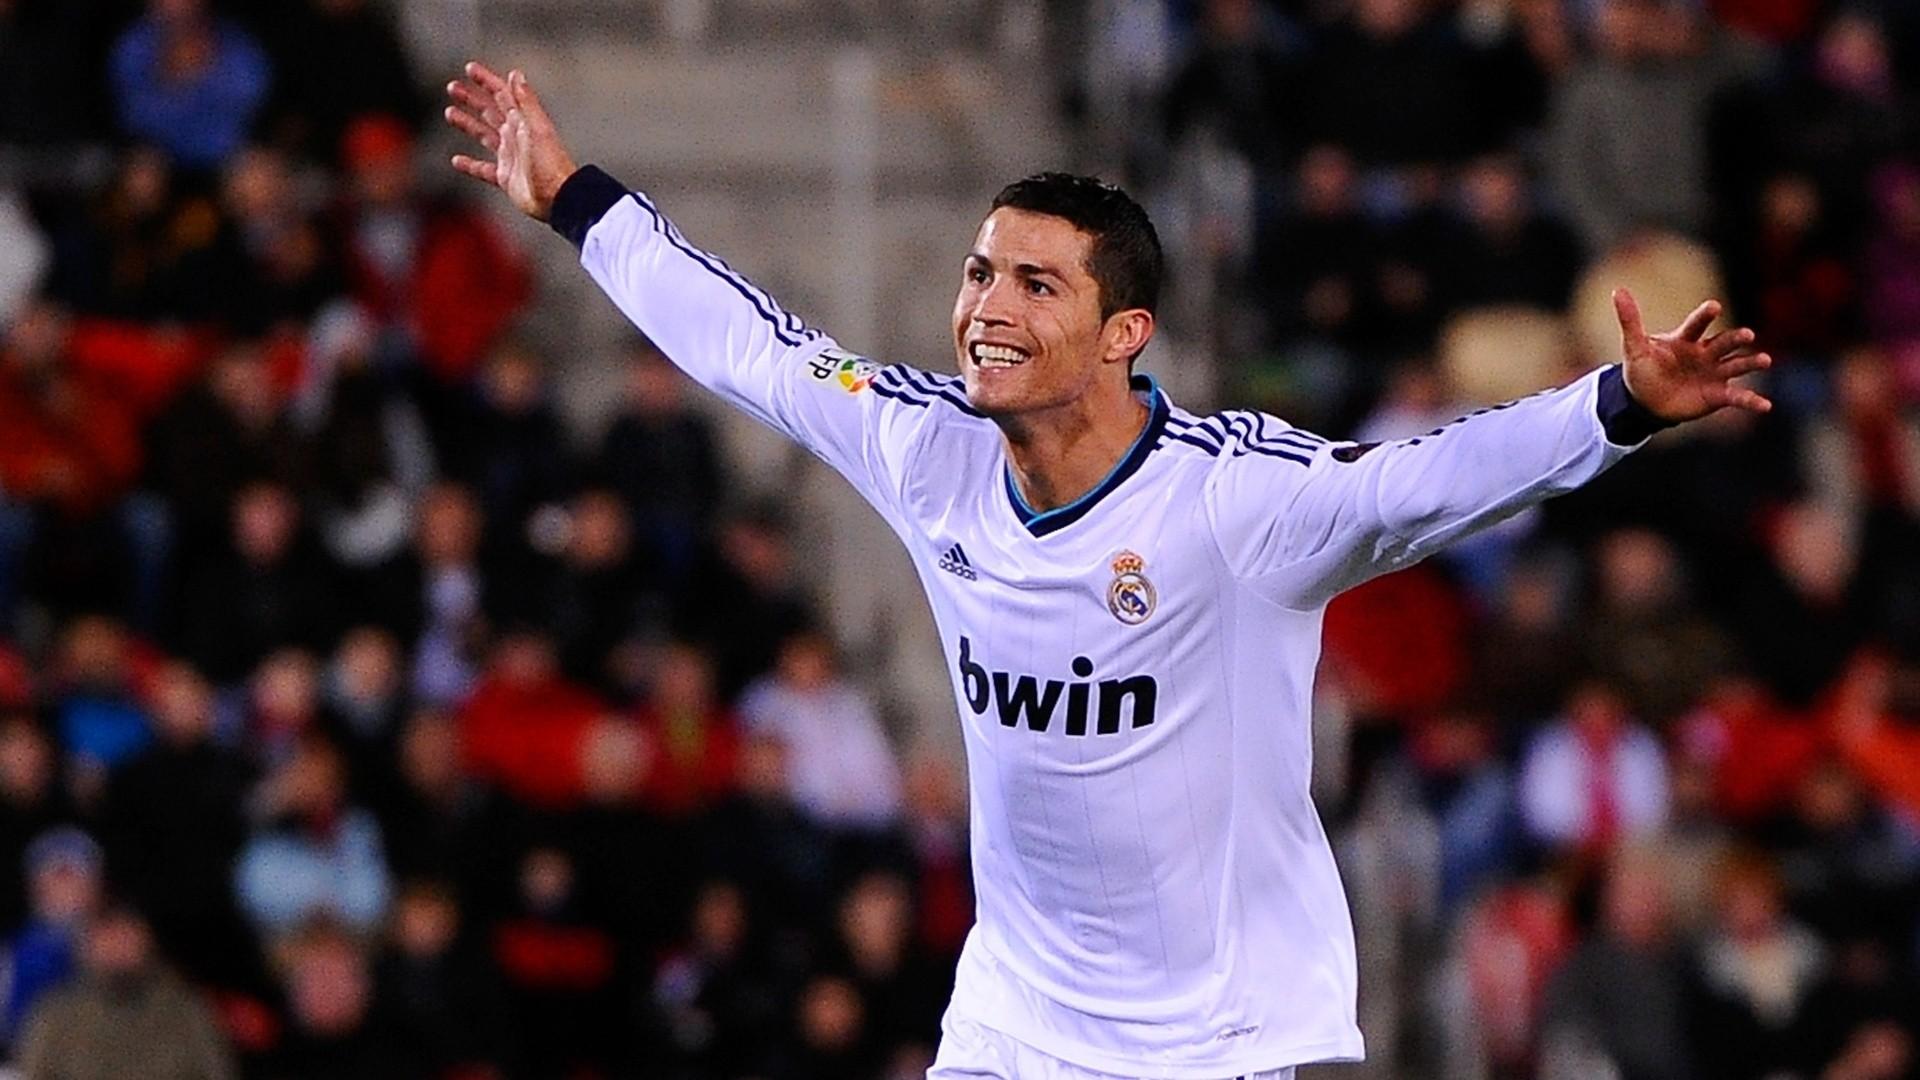 Pourquoi Cristiano Ronaldo est-il si fort ? CR7 livre son secret